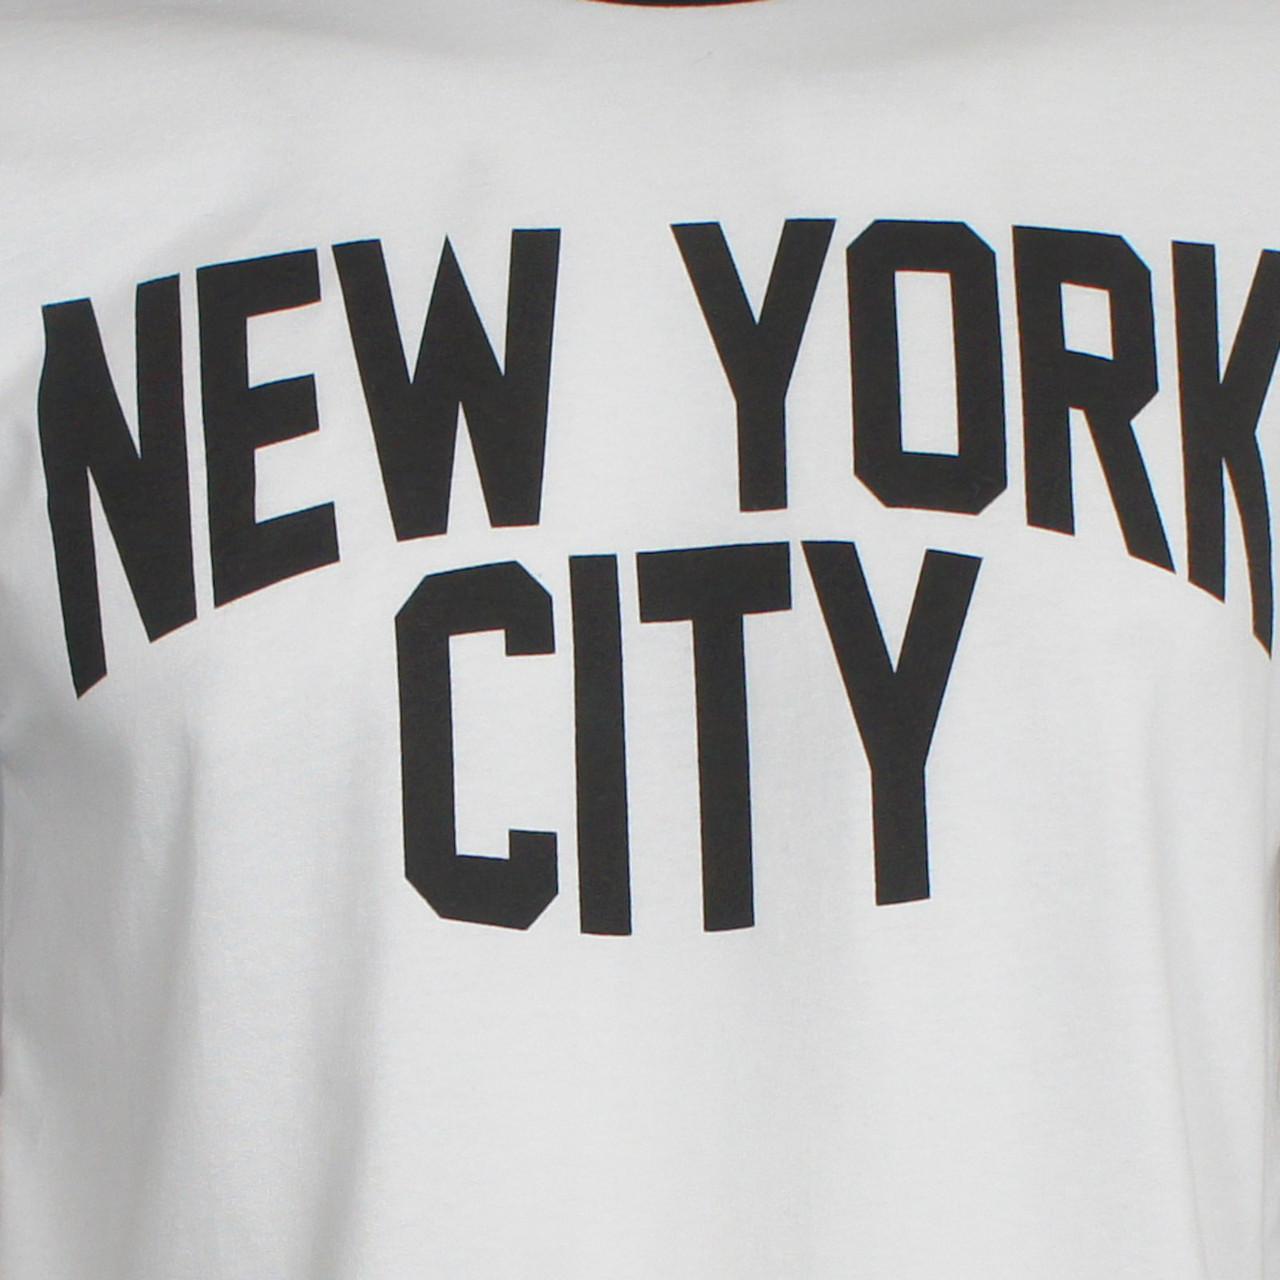 Impact Original T-Shirt - New York City. Price   19.25.  http   d3d71ba2asa5oz.cloudfront.net 12013655 images imp80% da12e9fcb0e